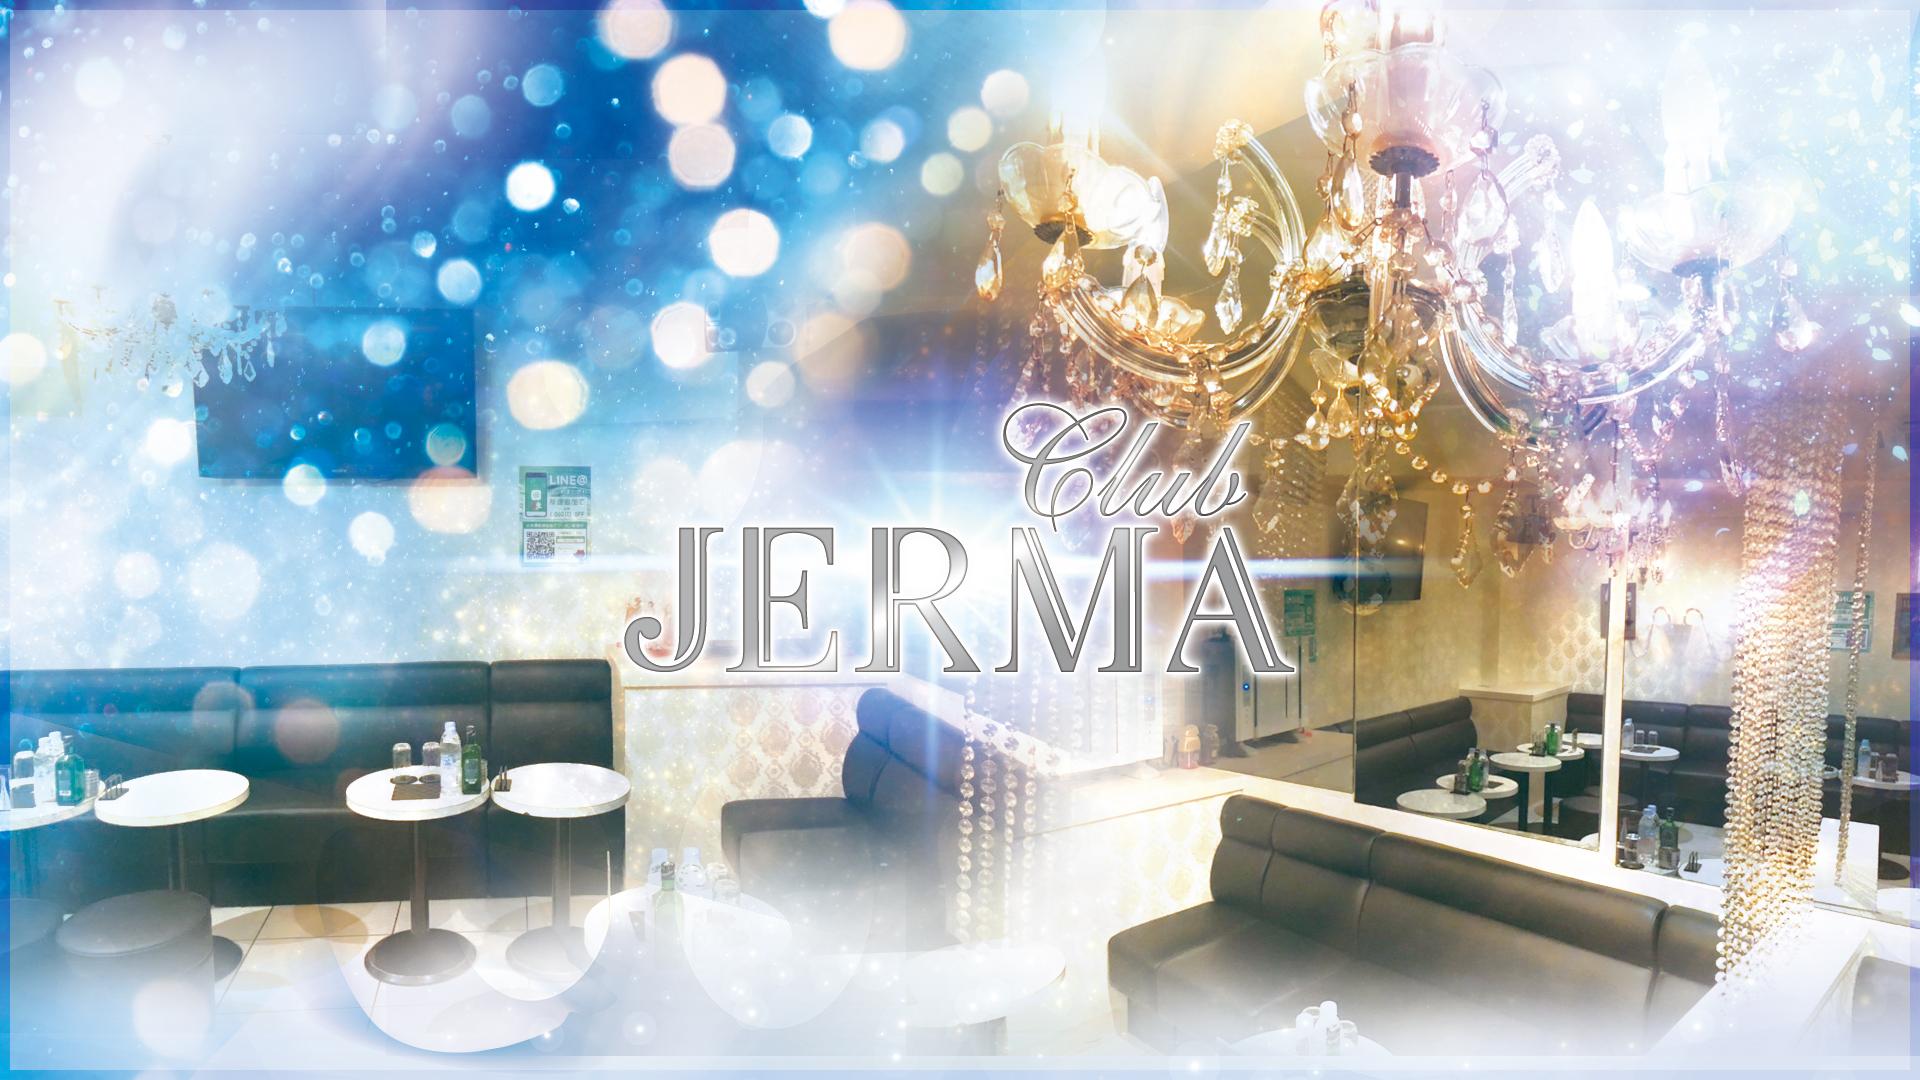 JERMA[ジェルマ] 門前仲町 キャバクラ TOP画像